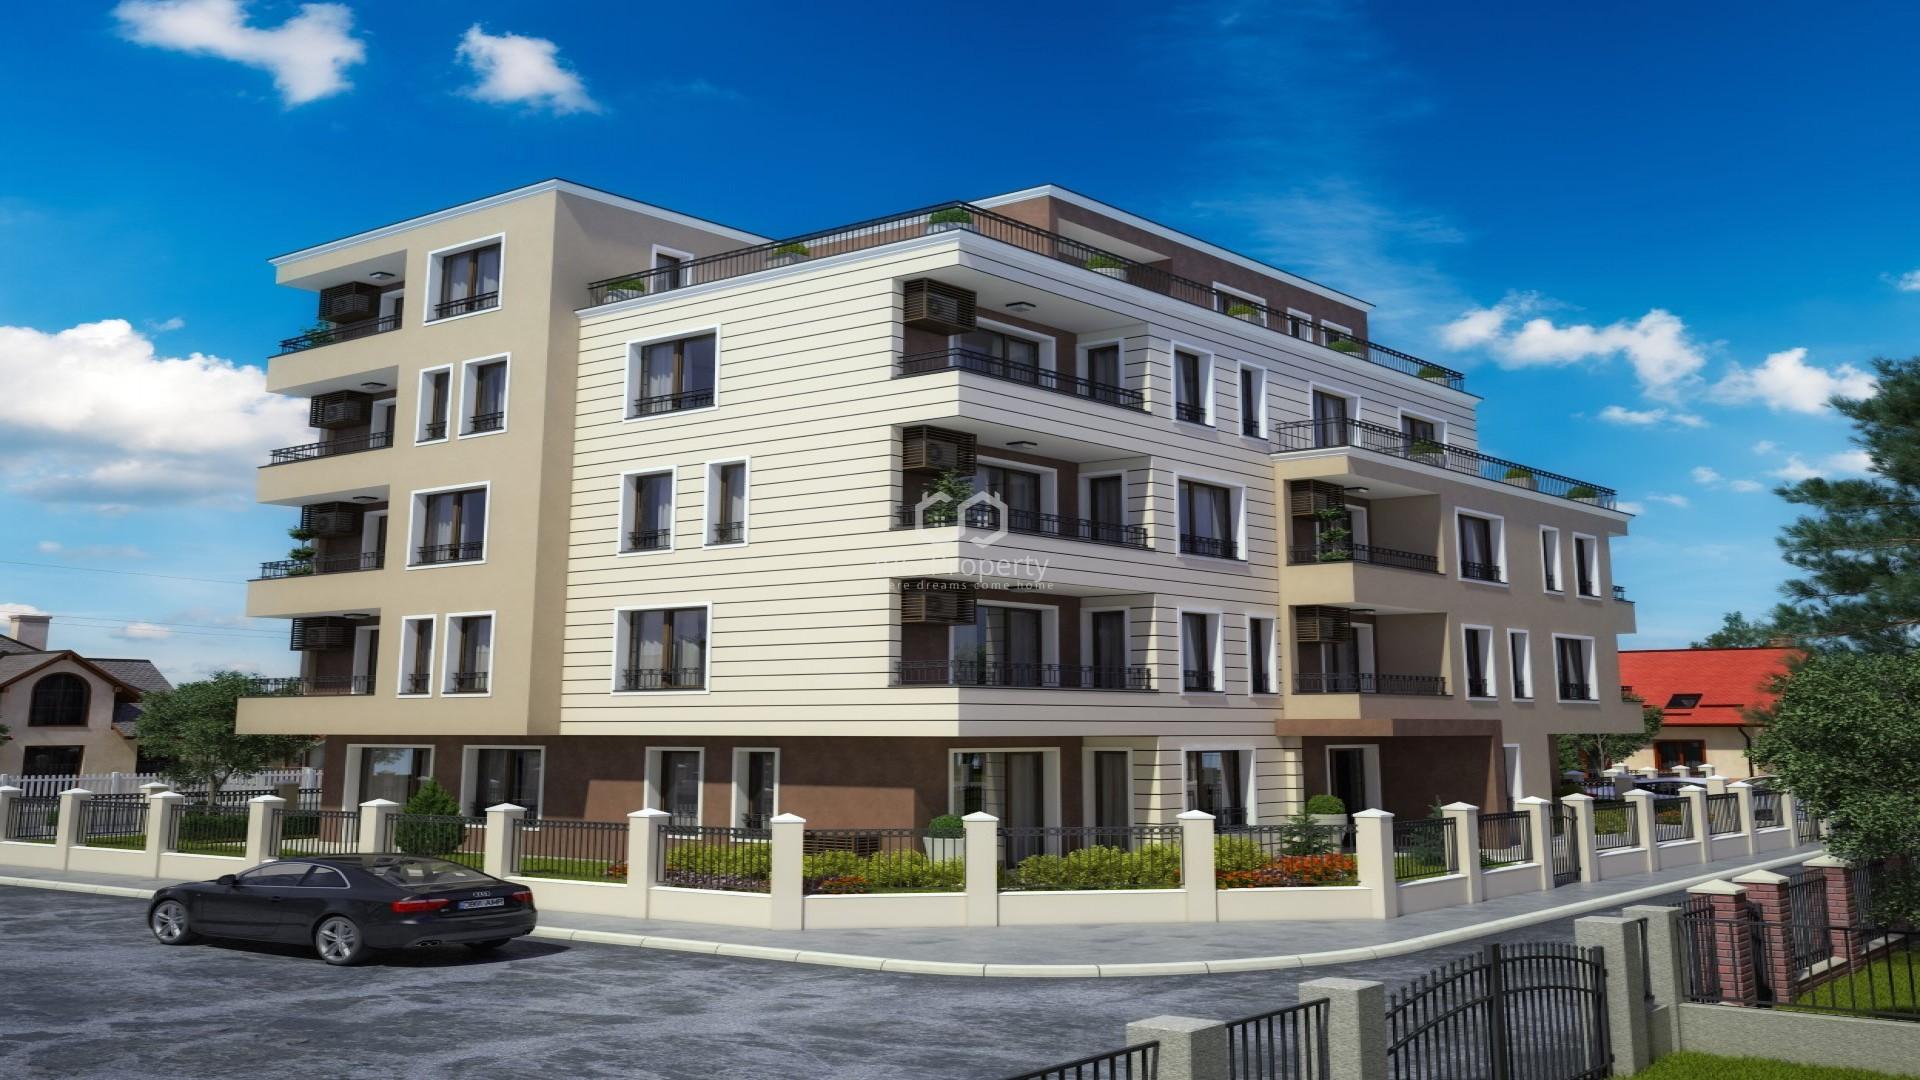 Едностаен апартамент Равда 41 m2